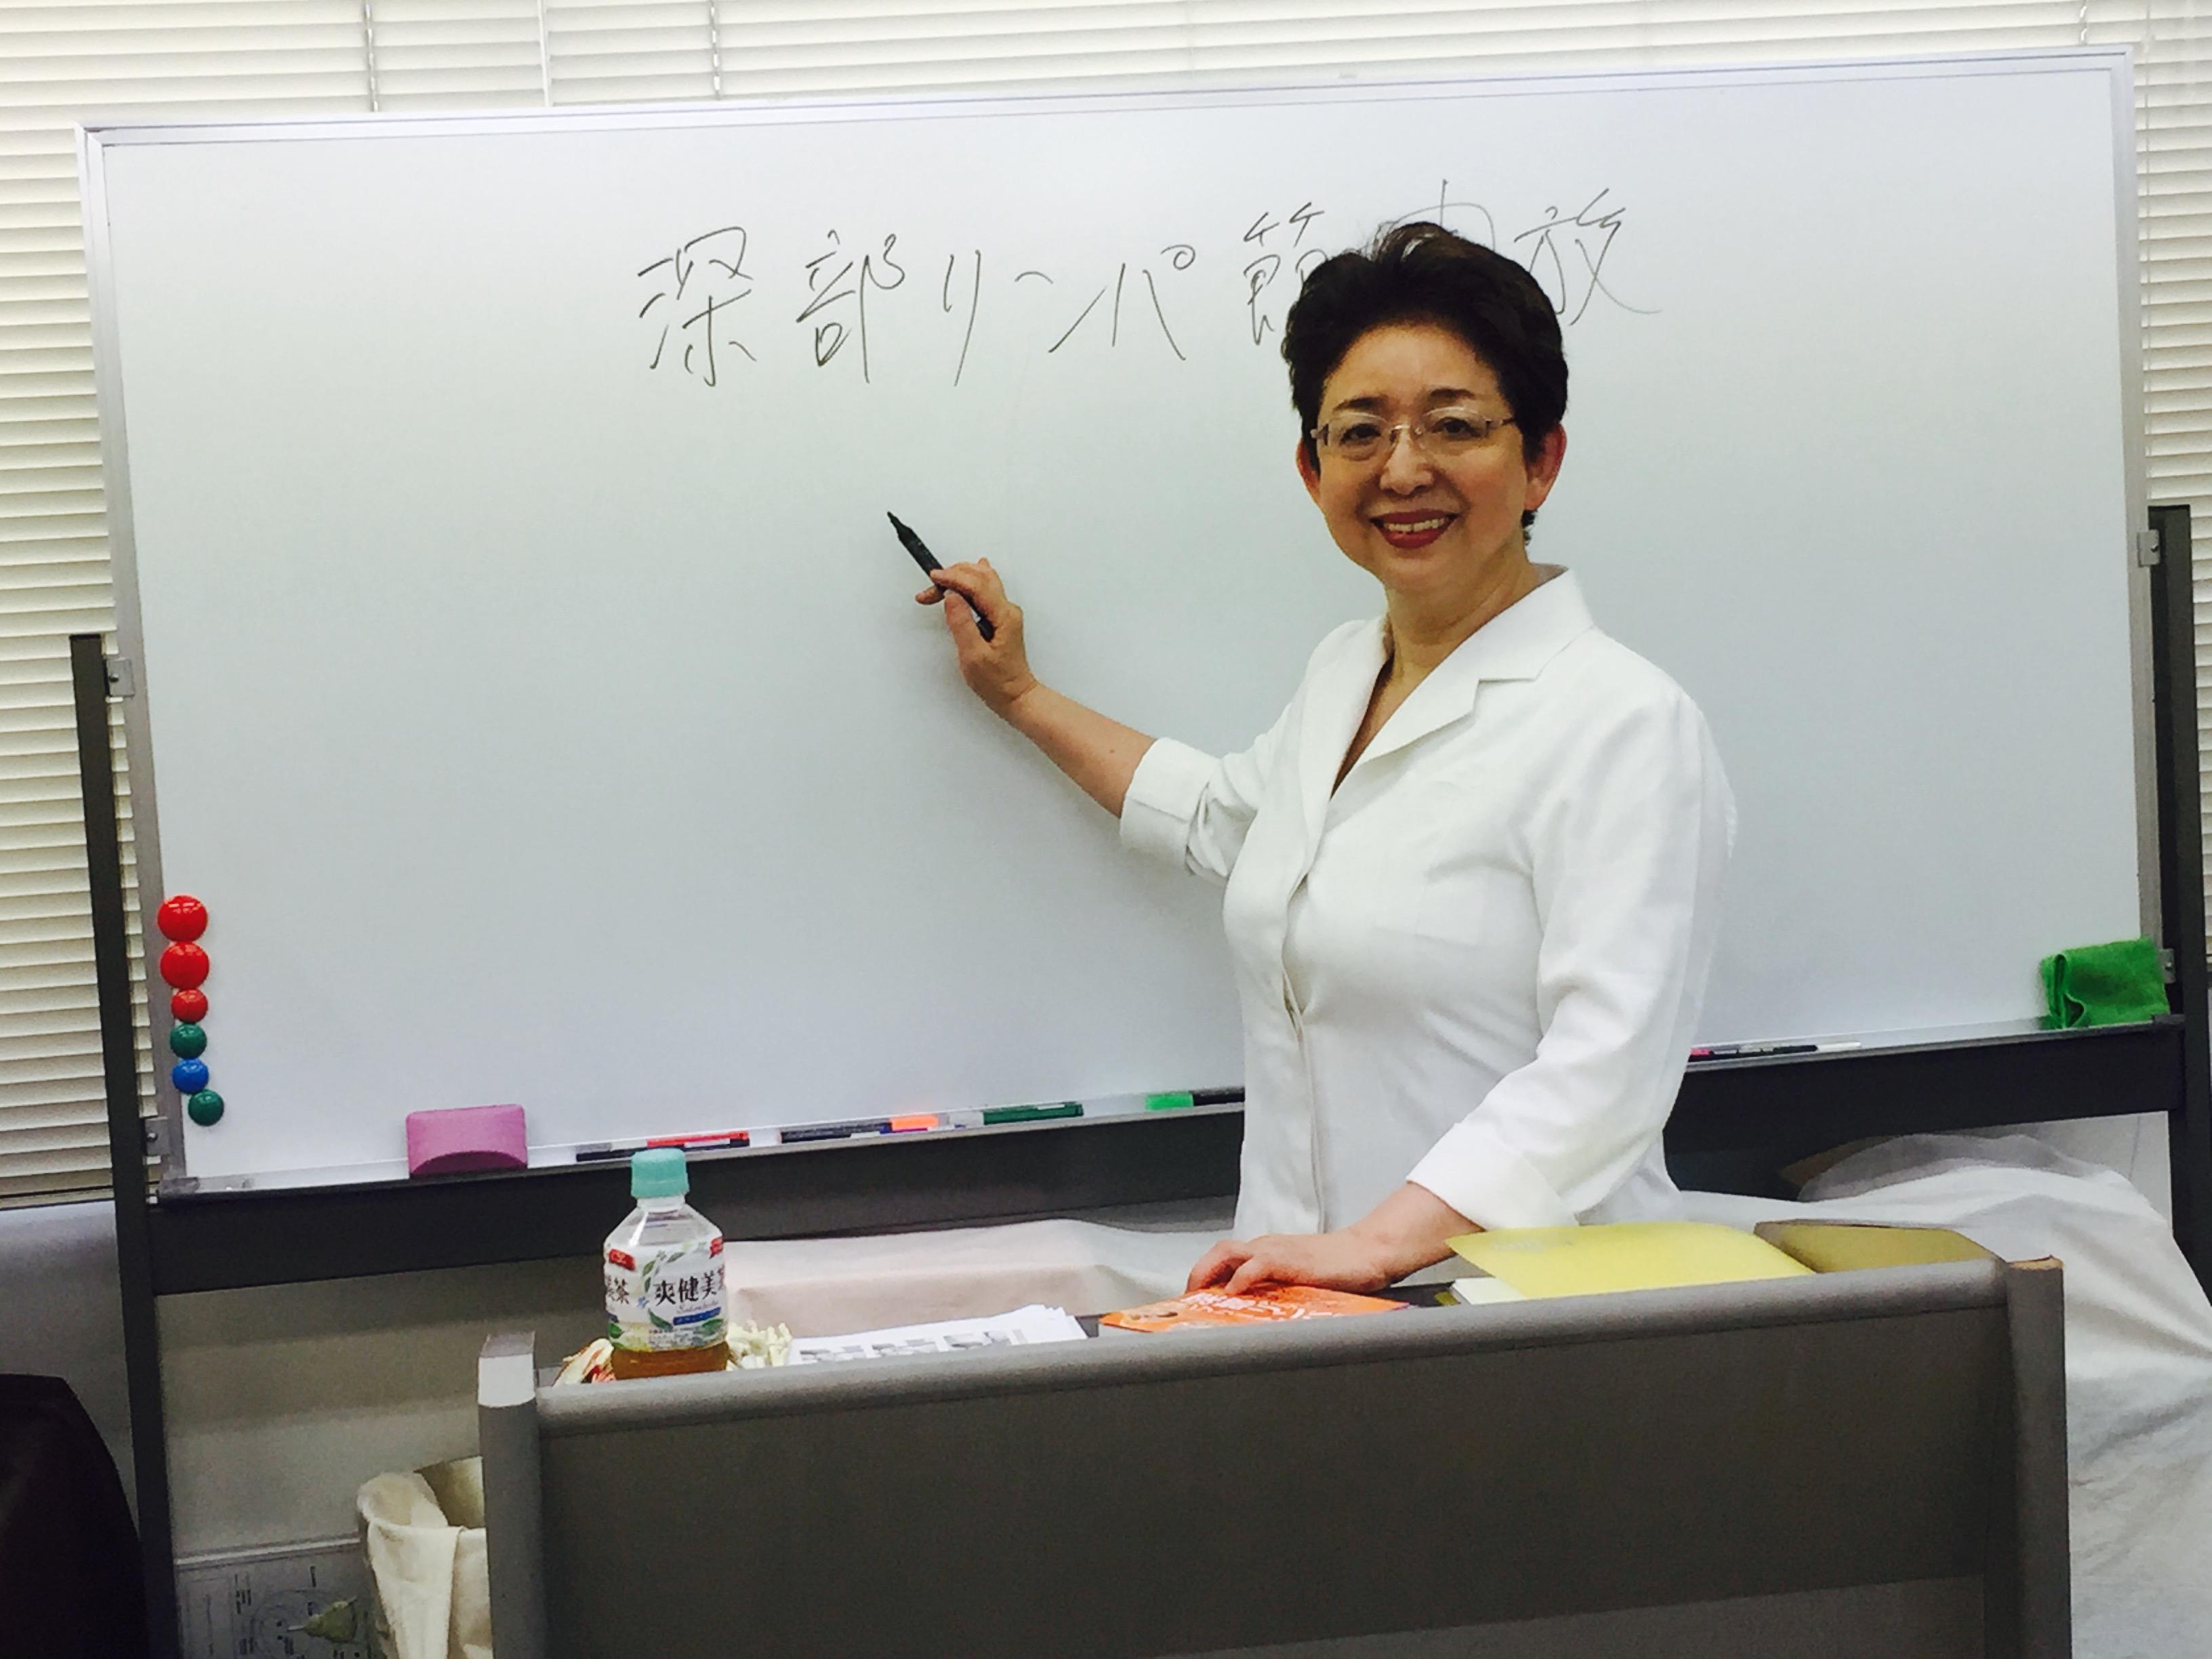 セミナー 【8月31日開催】「ディープリンパマッサージ〜首・肩編〜」実践セミナー